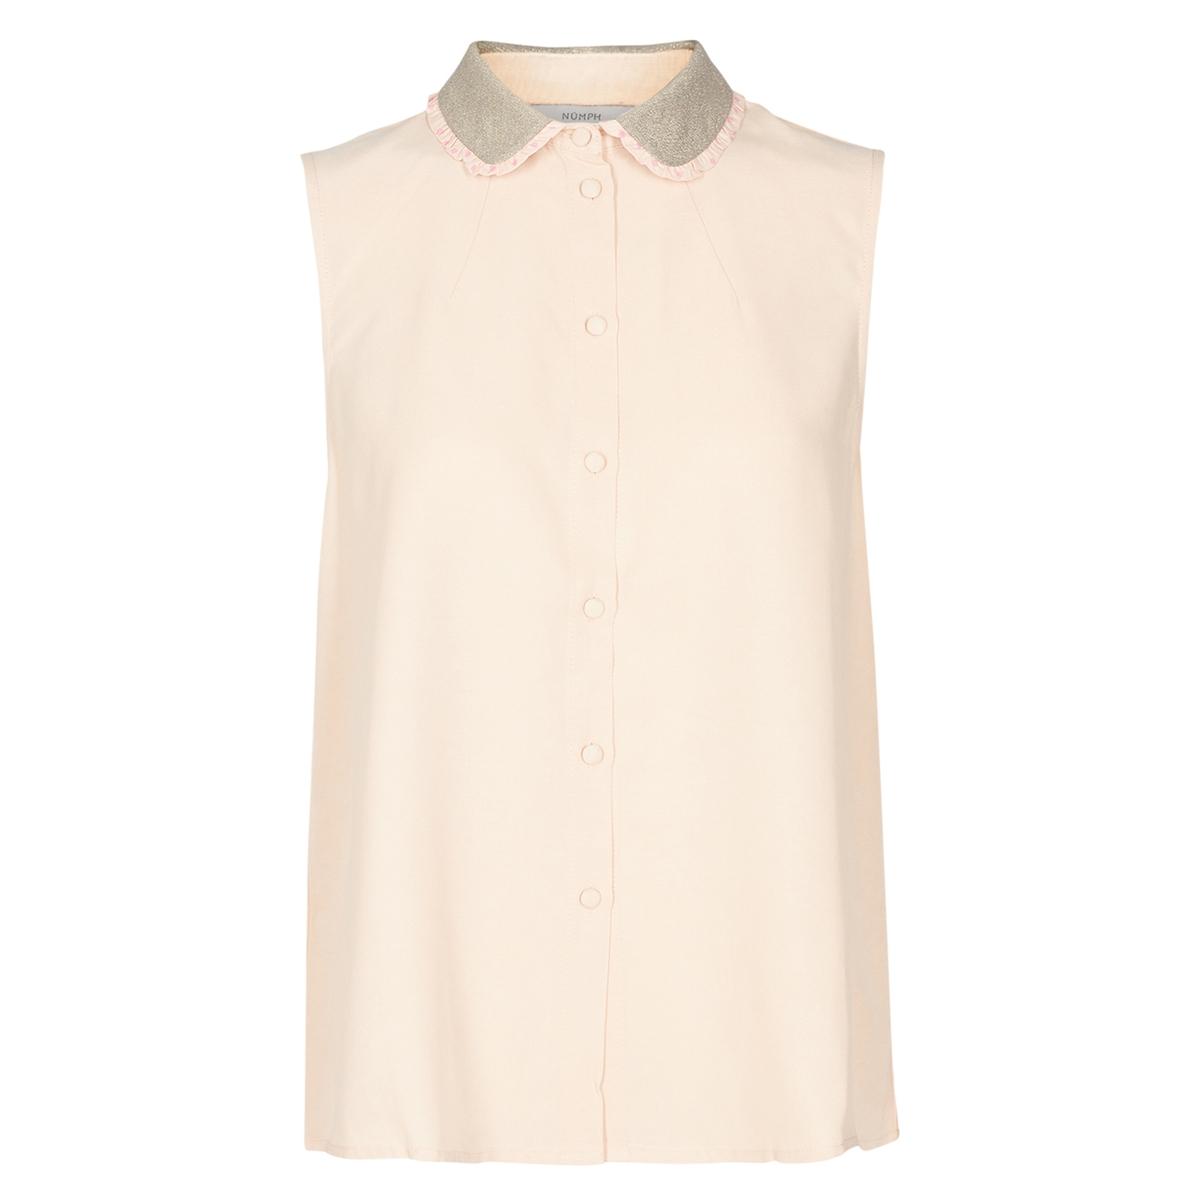 Рубашка однотонная с воротником-поло без рукавовОписаниеДетали •  Без рукавов •  Рубашечный воротник полоСостав и уход •  54% вискозы, 46% купро •  Следуйте советам по уходу, указанным на этикетке<br><br>Цвет: розовый